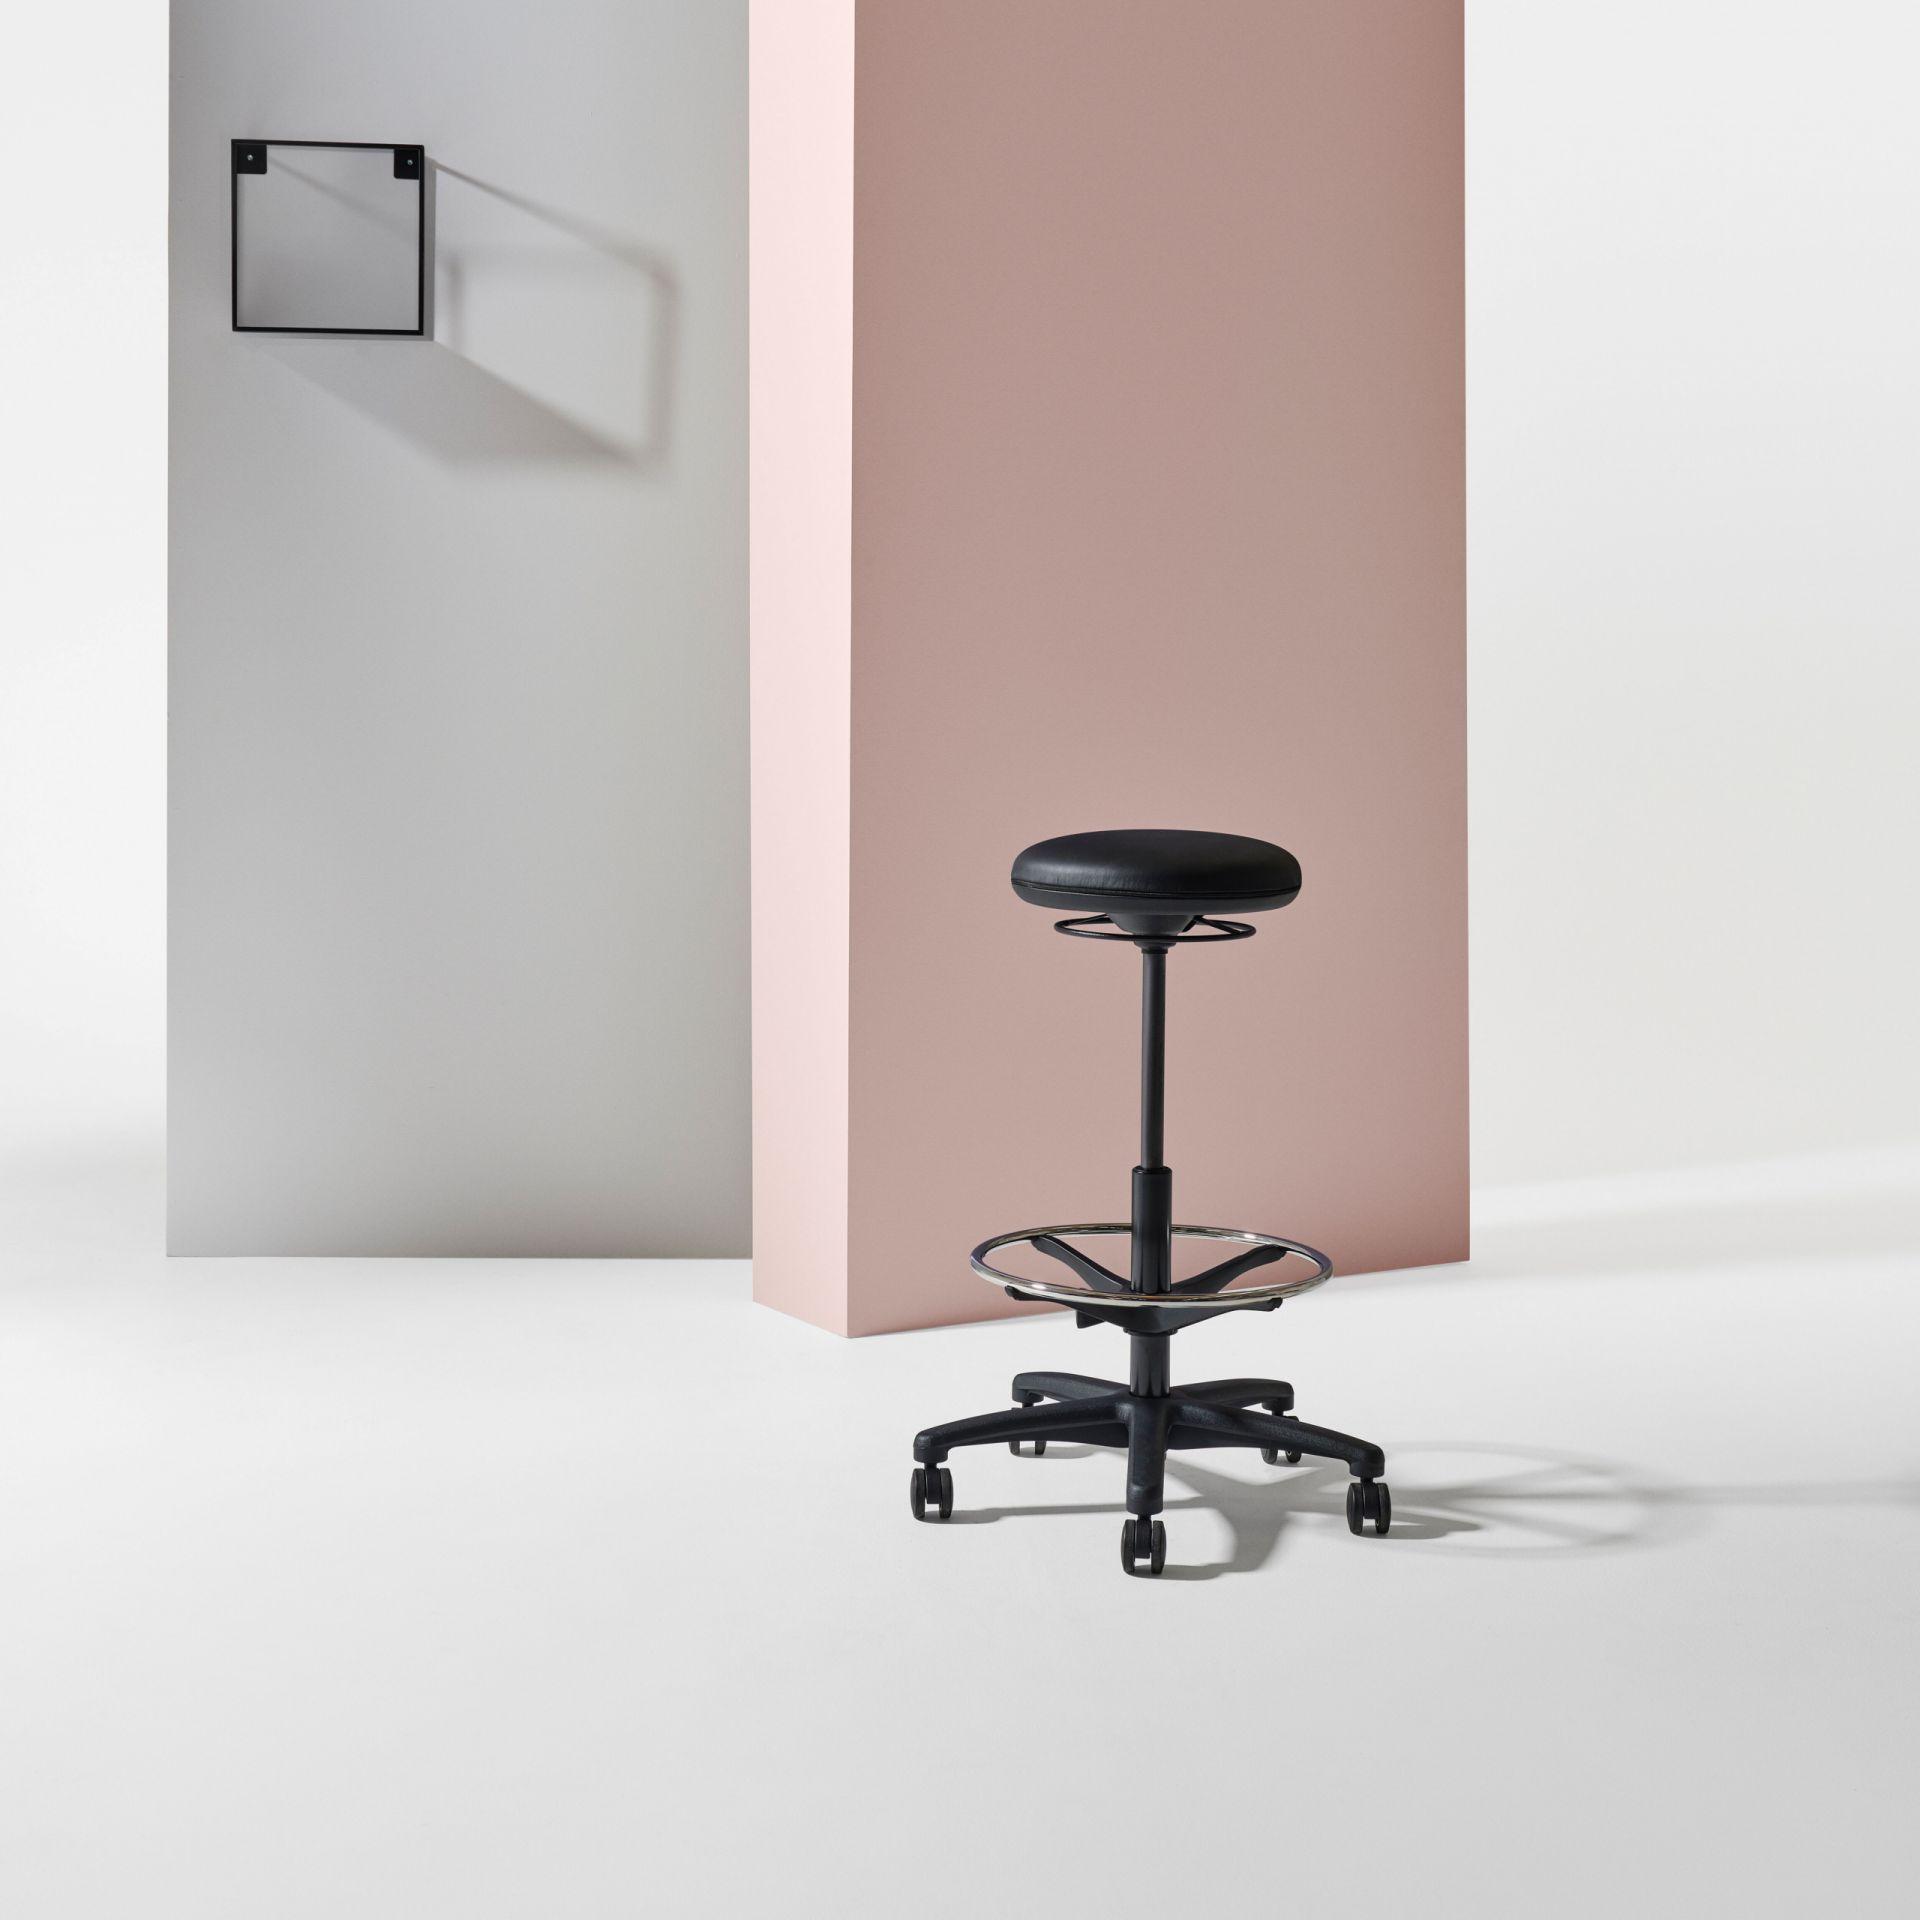 Savo Joi Joi hög stol produktbild 1